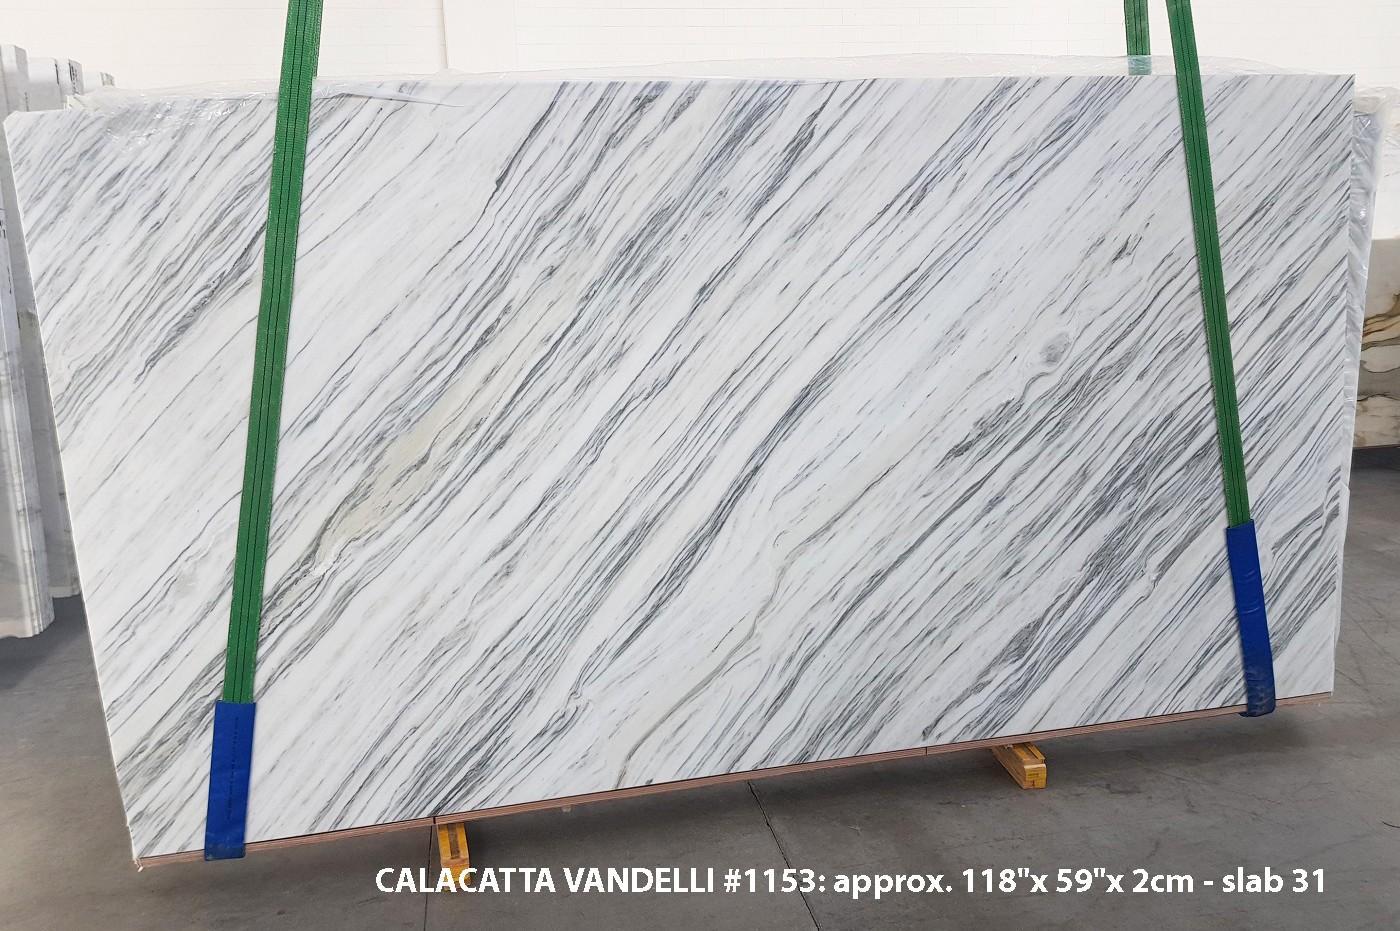 Calacatta Vandelli Fornitura Veneto (Italia) di lastre grezze lucide in marmo naturale 1153 , Slab #31